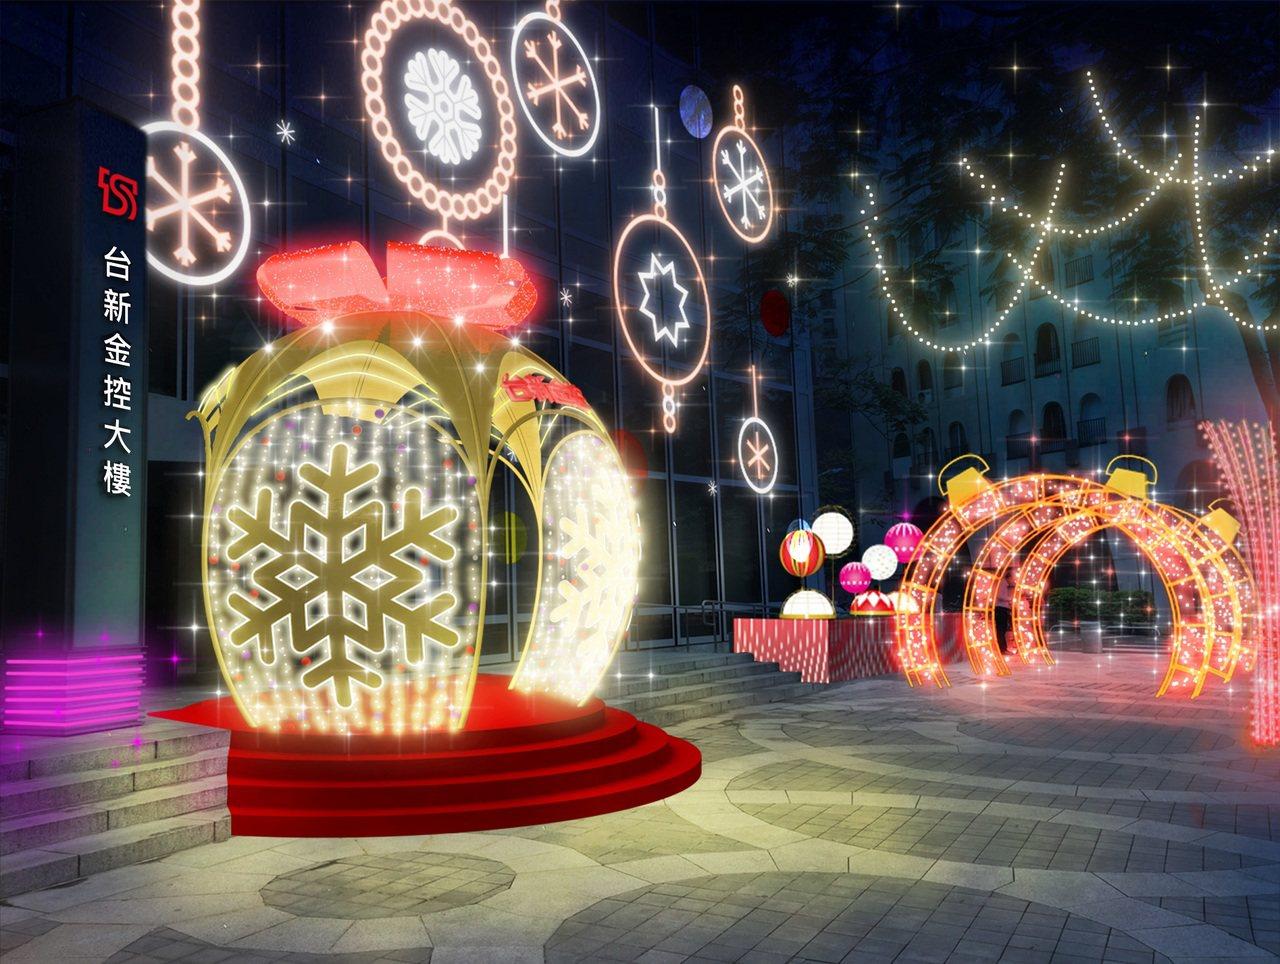 台新金打造首座數位互動耶誕樹,將在12月6日下午5點舉行點燈儀式。圖/台新金提供